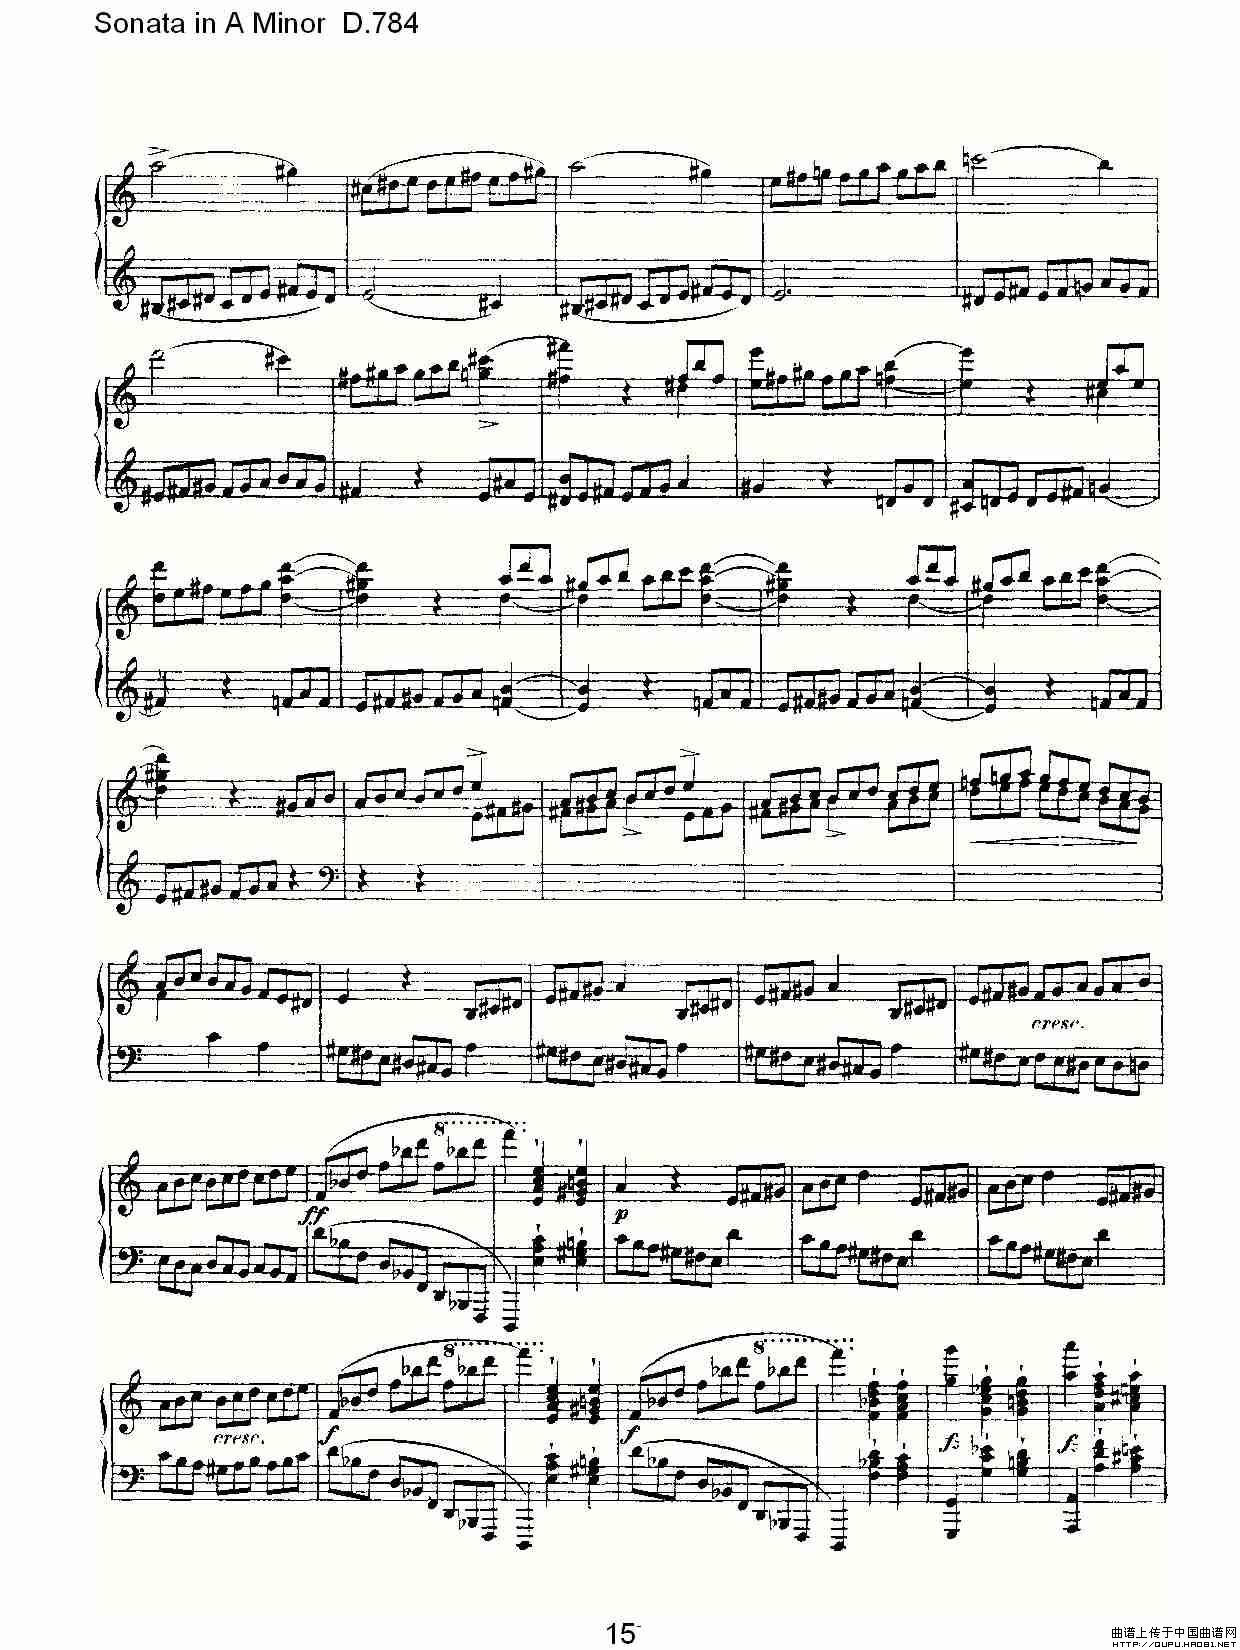 784钢琴谱 A小调奏鸣曲D.784 器乐乐谱 中国曲谱网